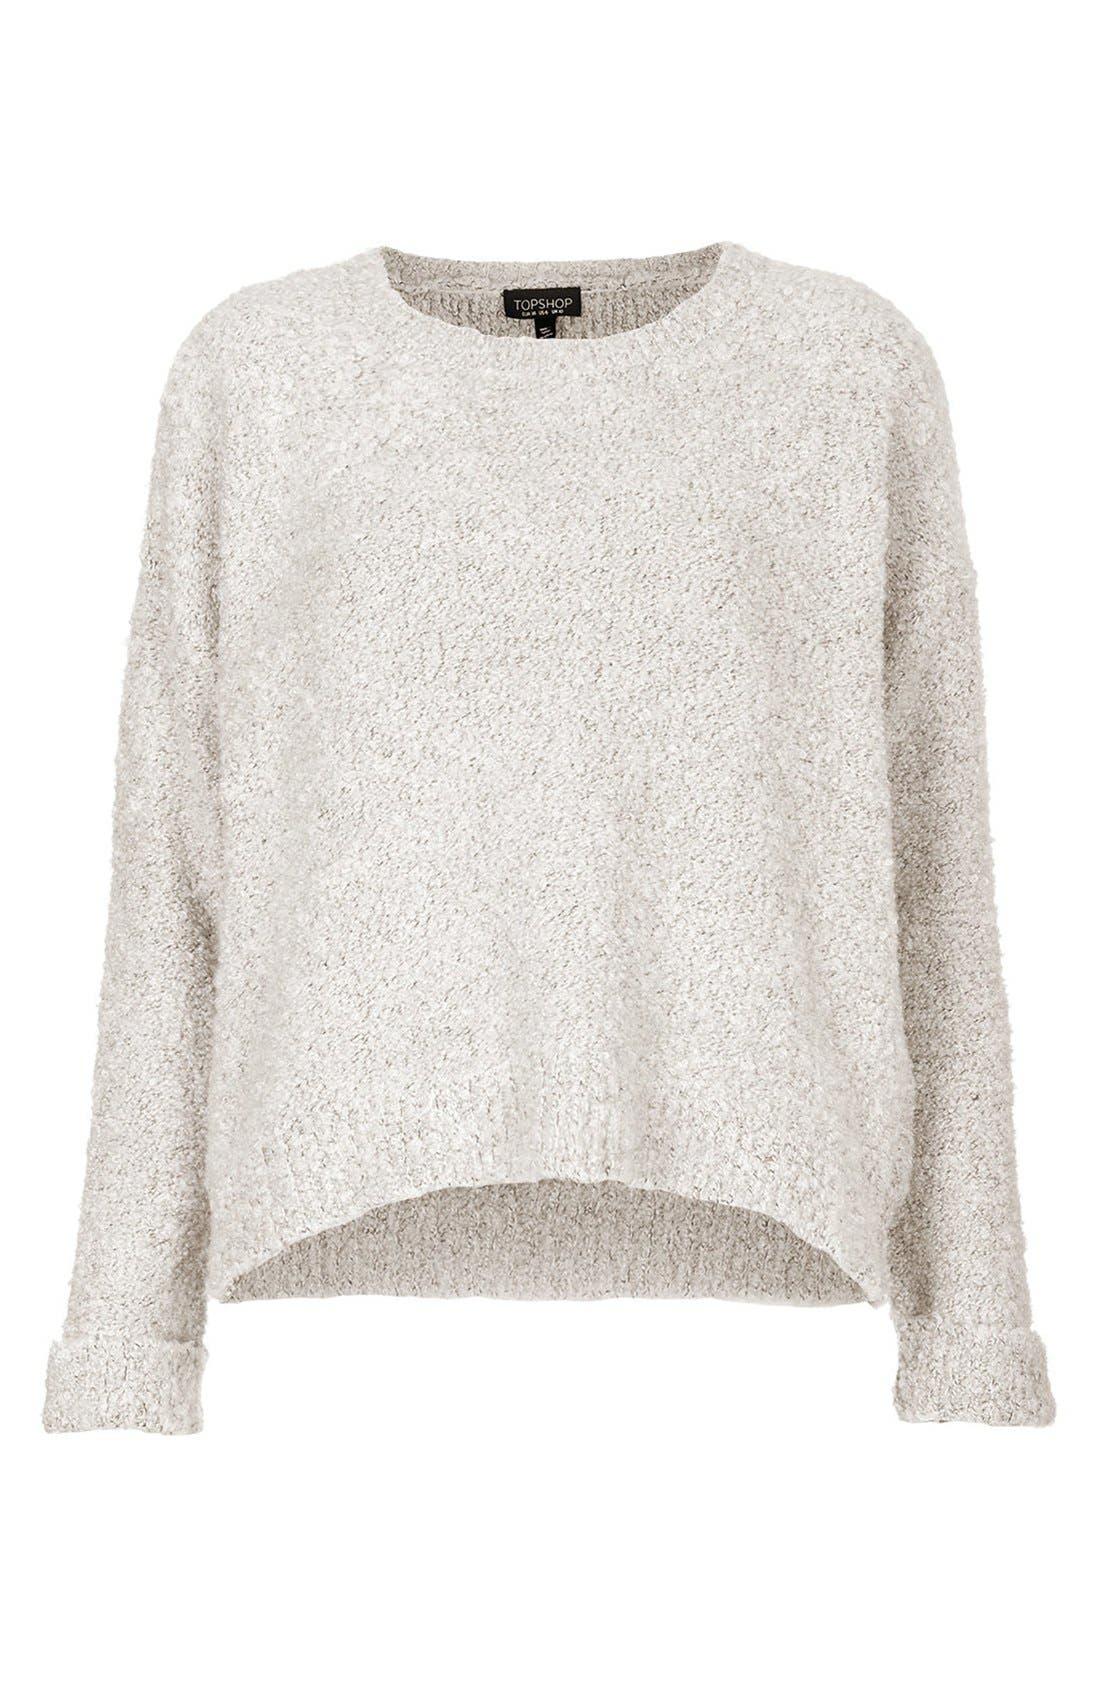 TOPSHOP,                             Bouclé Knit Sweater,                             Alternate thumbnail 4, color,                             100